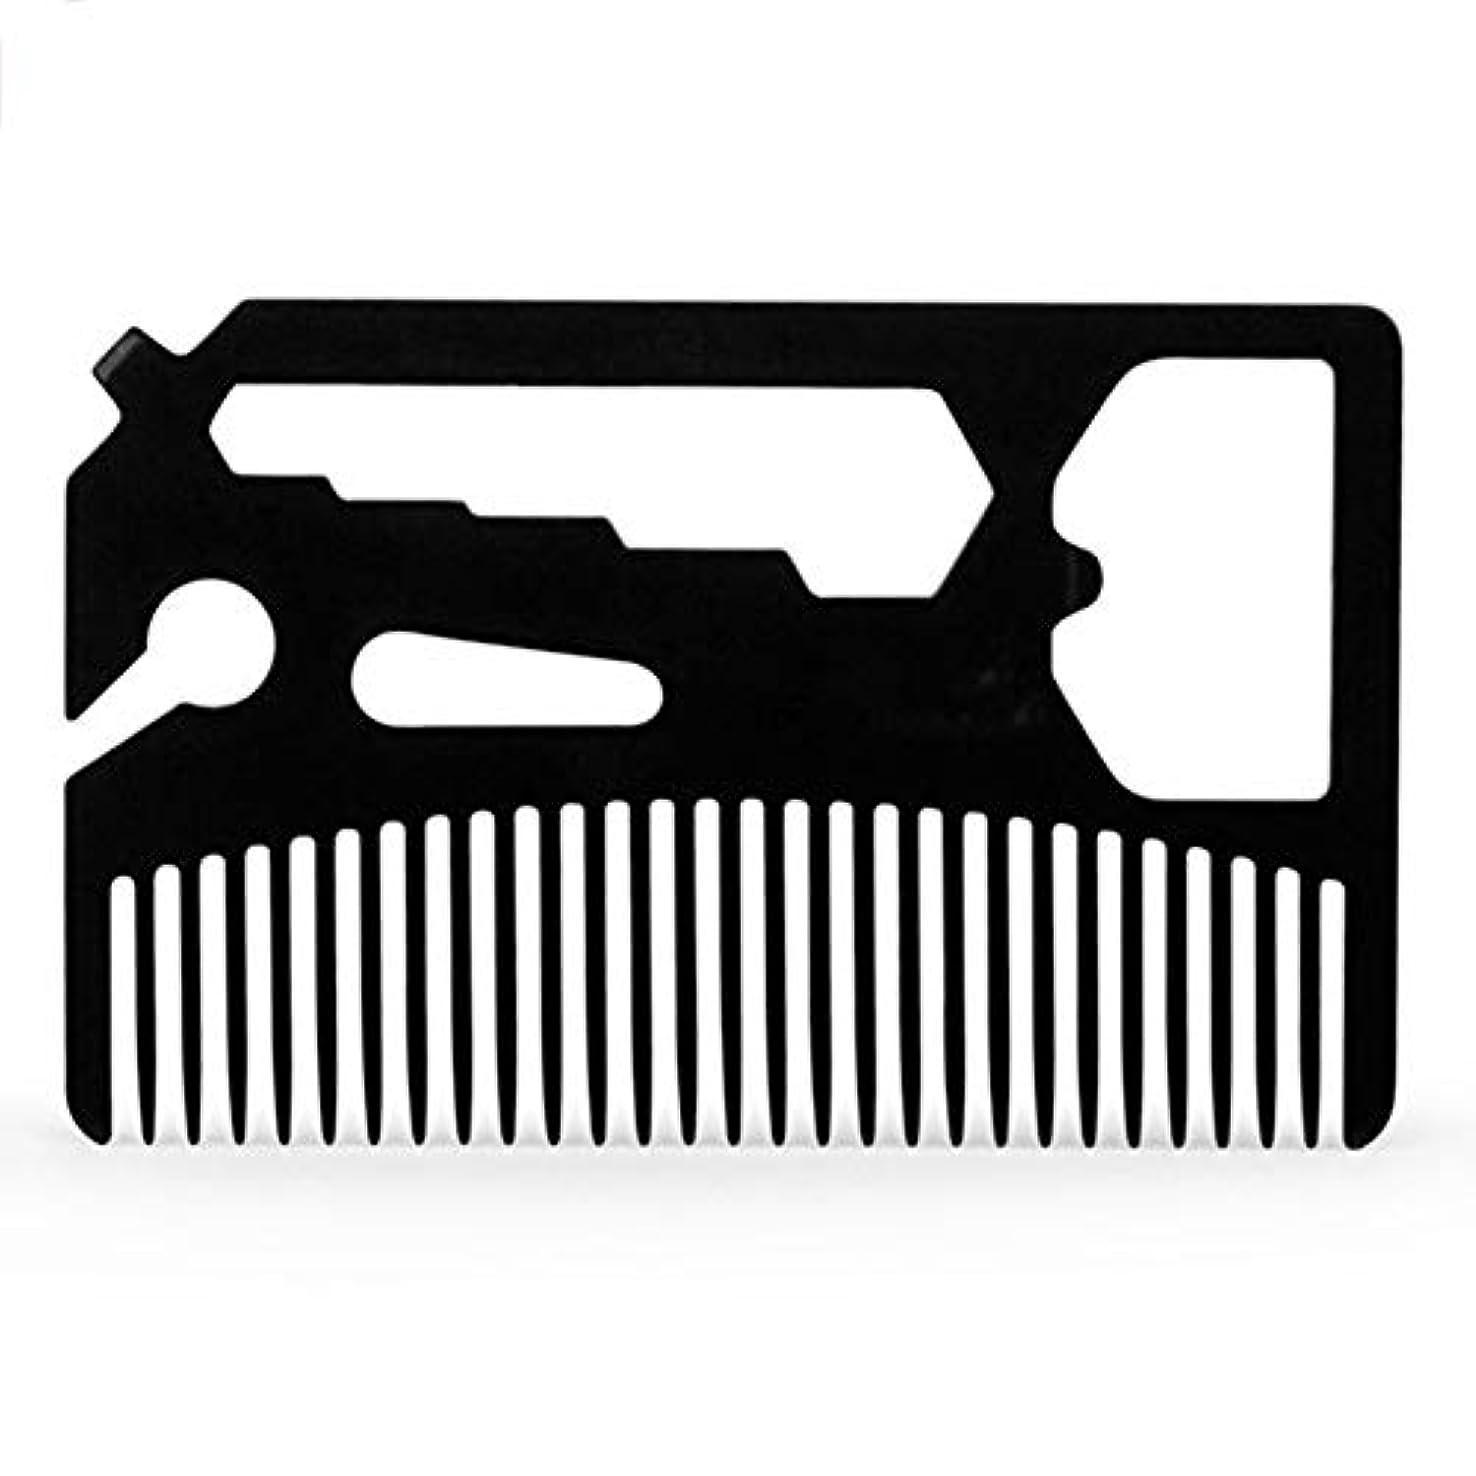 浴室かける区画ACHICOO 多機能ヘアブラシ ひげくし ステンレス鋼 栓抜き 髭櫛 金属 プラスチック 折りたたみ 男性 髪髭トリムツール 黒